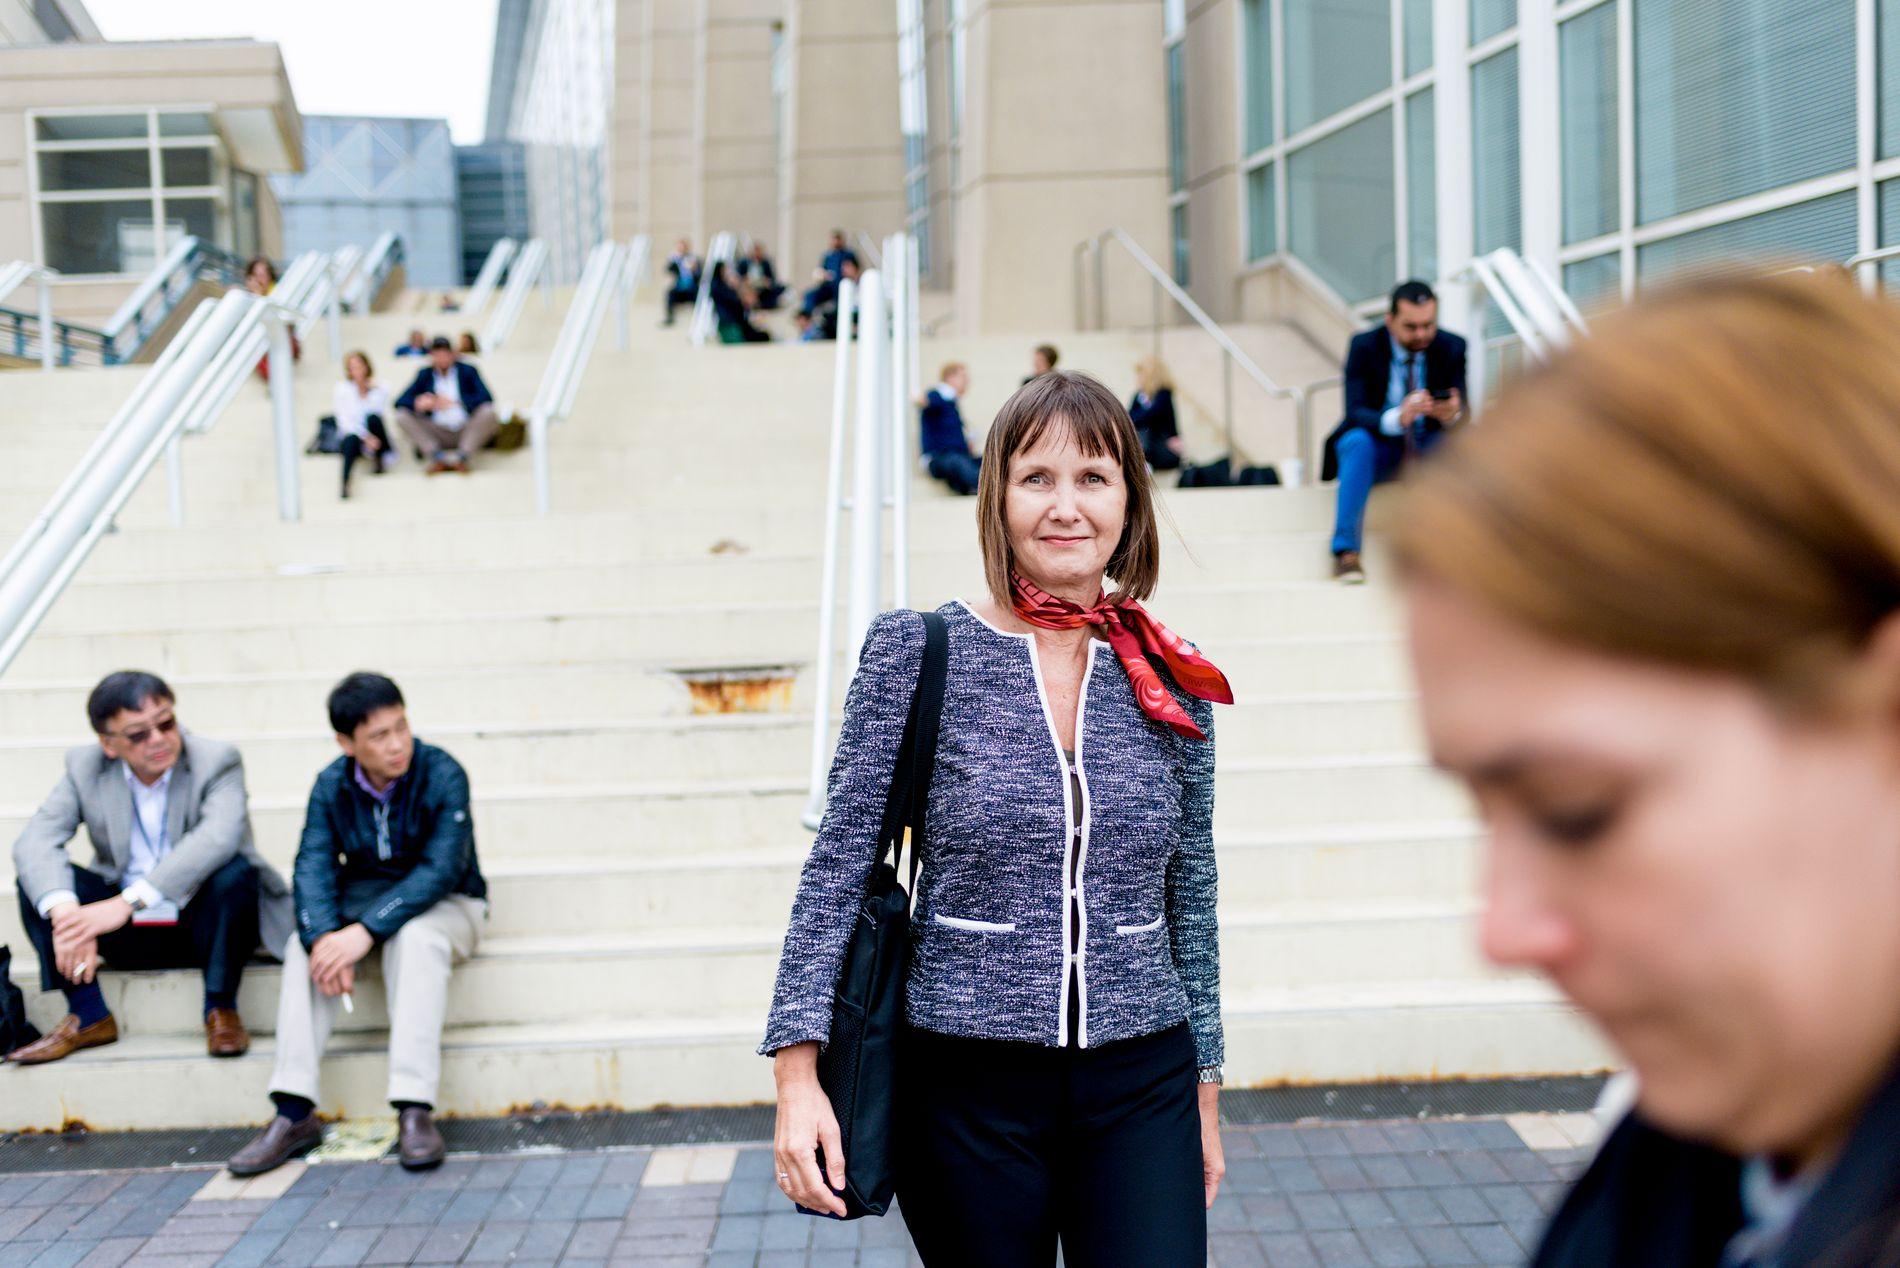 GODE RESULTATER: Anne Hansen Ree utenfor McCormick Place, hvor kreftkonferansen ASCO fant sted i år. Hun forteller om lovende resultater inne flere grener av kreftmedisin.